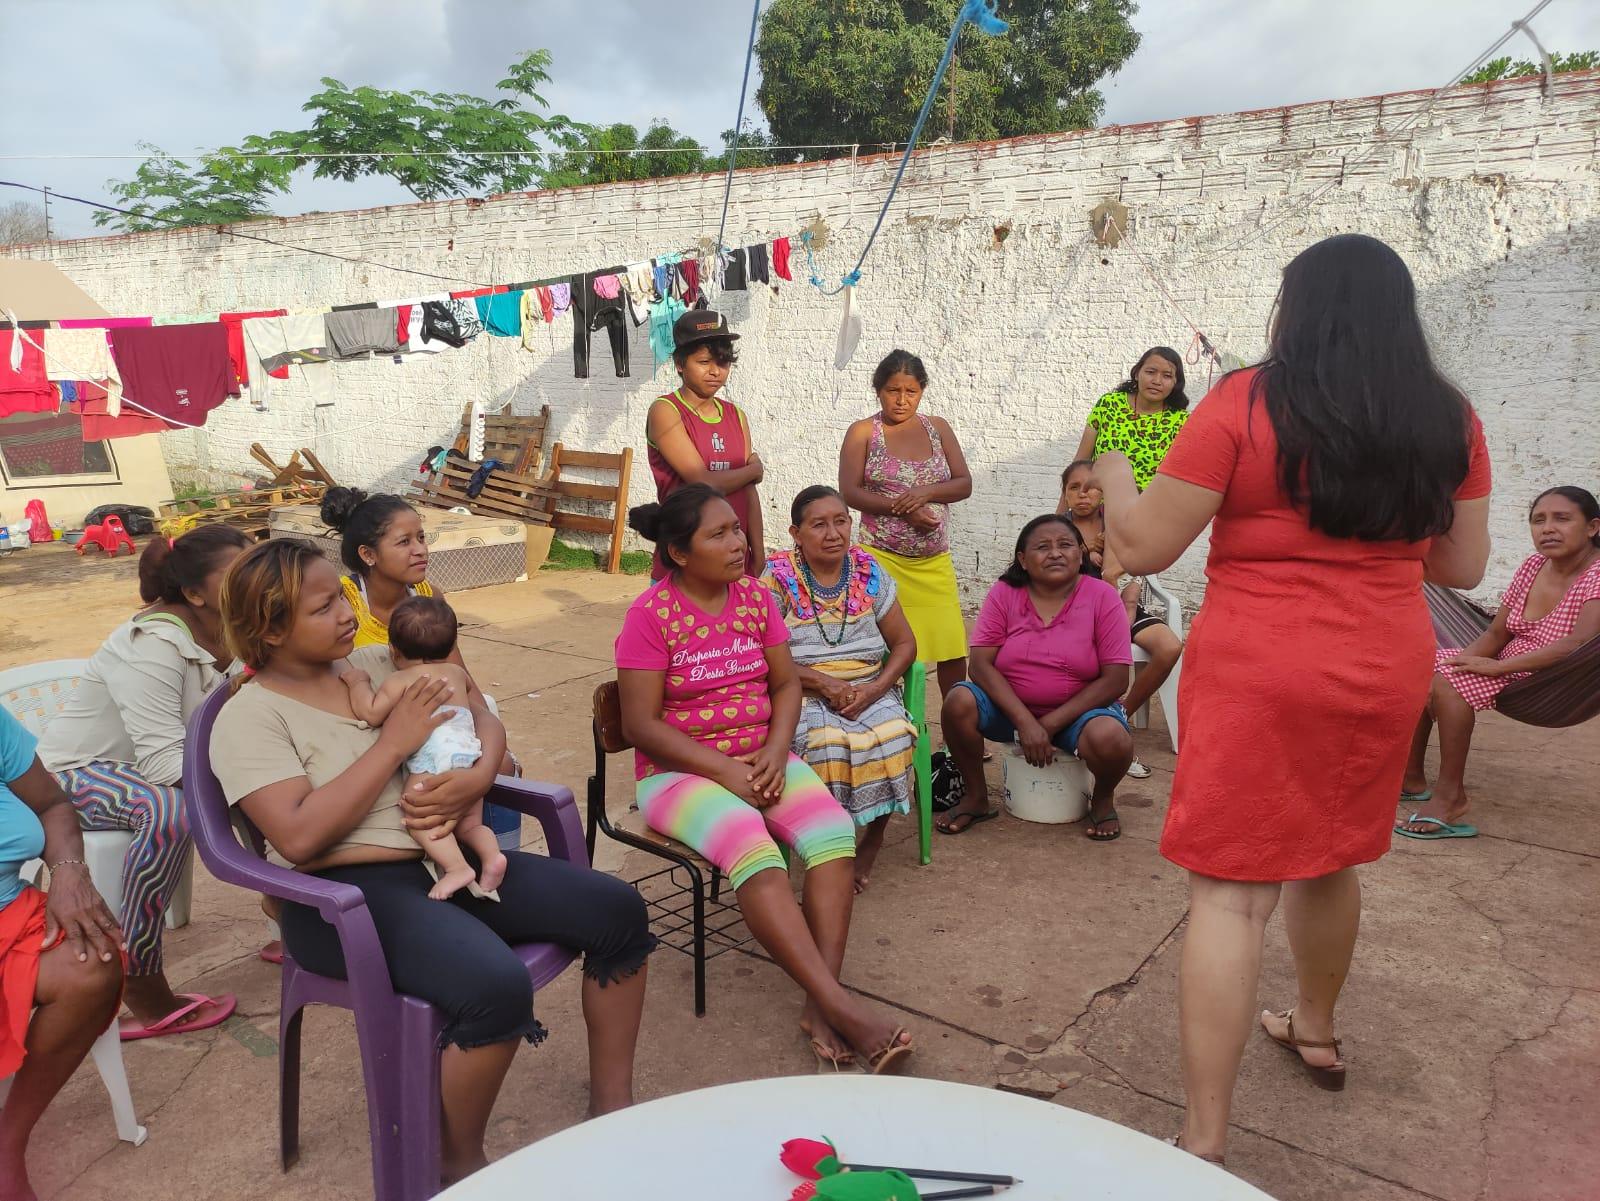 Prefeitura oferta curso para mulheres venezuelanas refugiadas em Araguaína